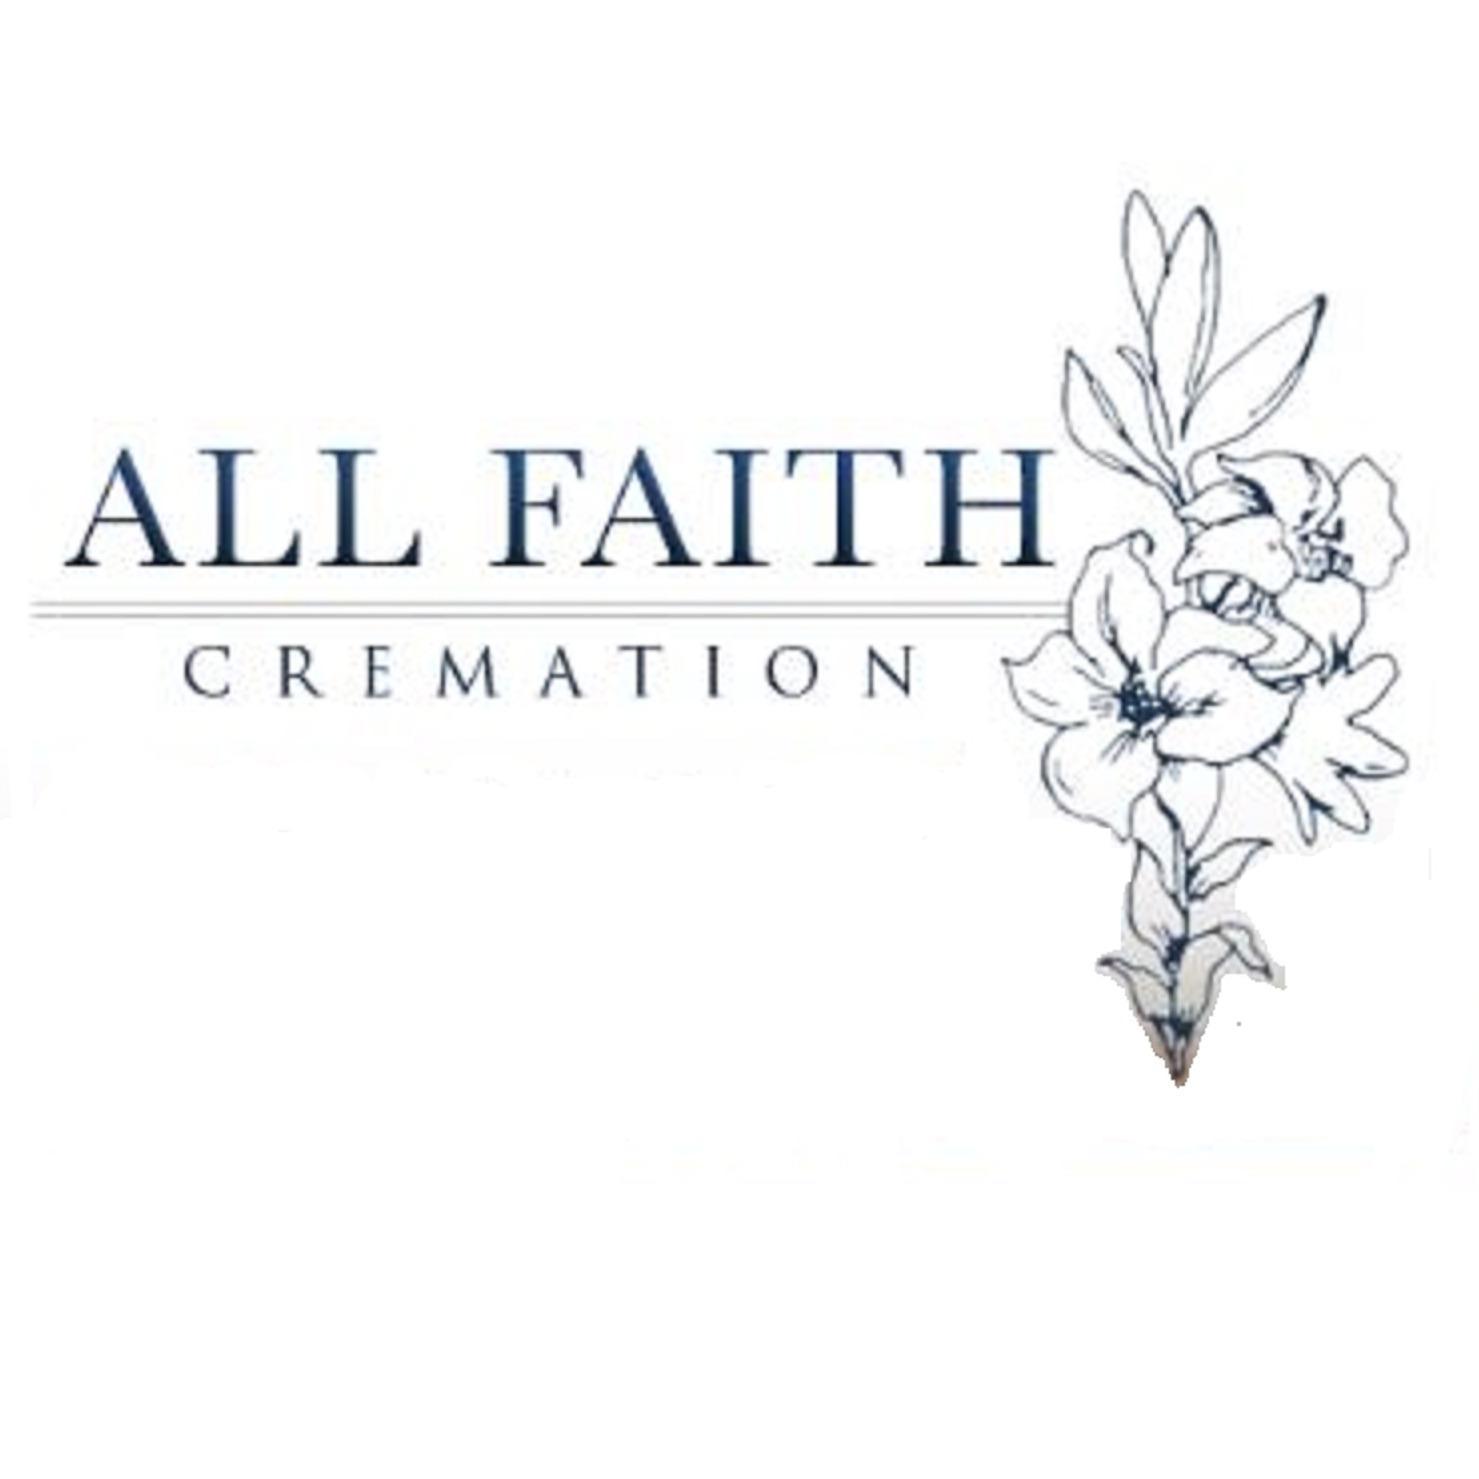 All Faith Cremation